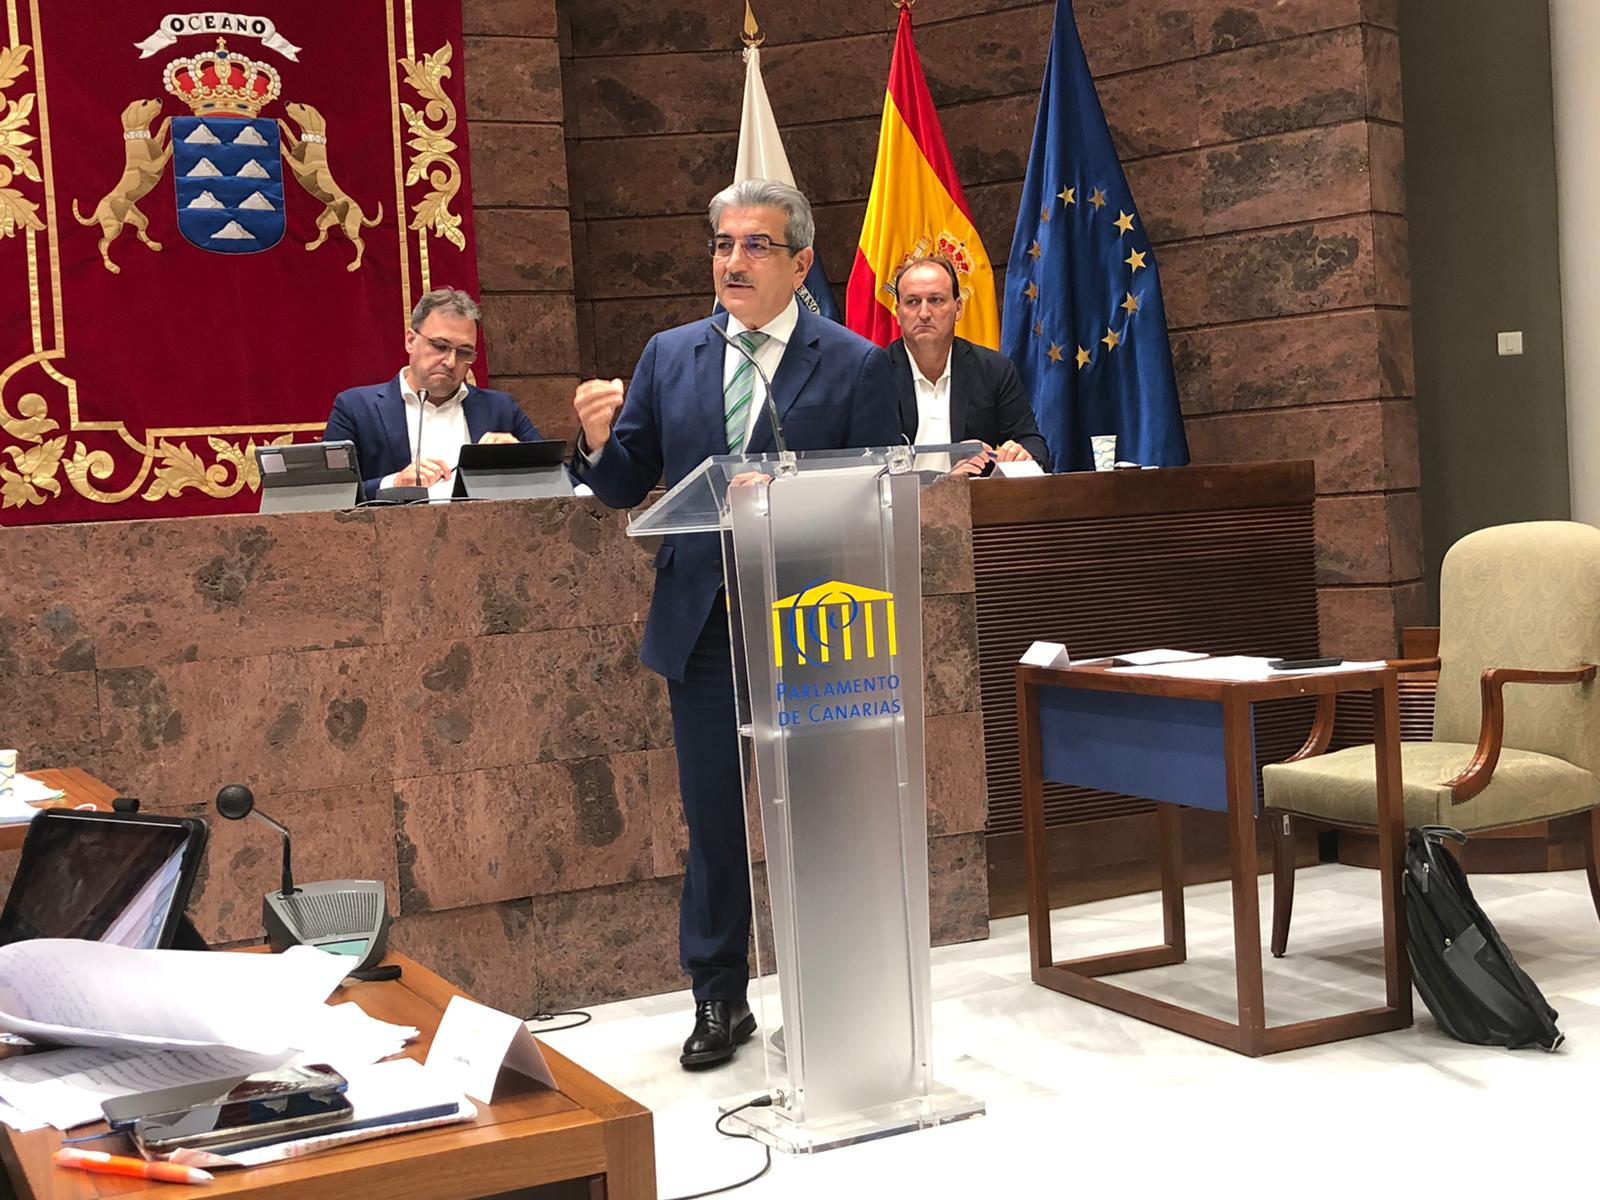 El nuevo AIEM inicia su exigente tramitación en las instituciones europeas